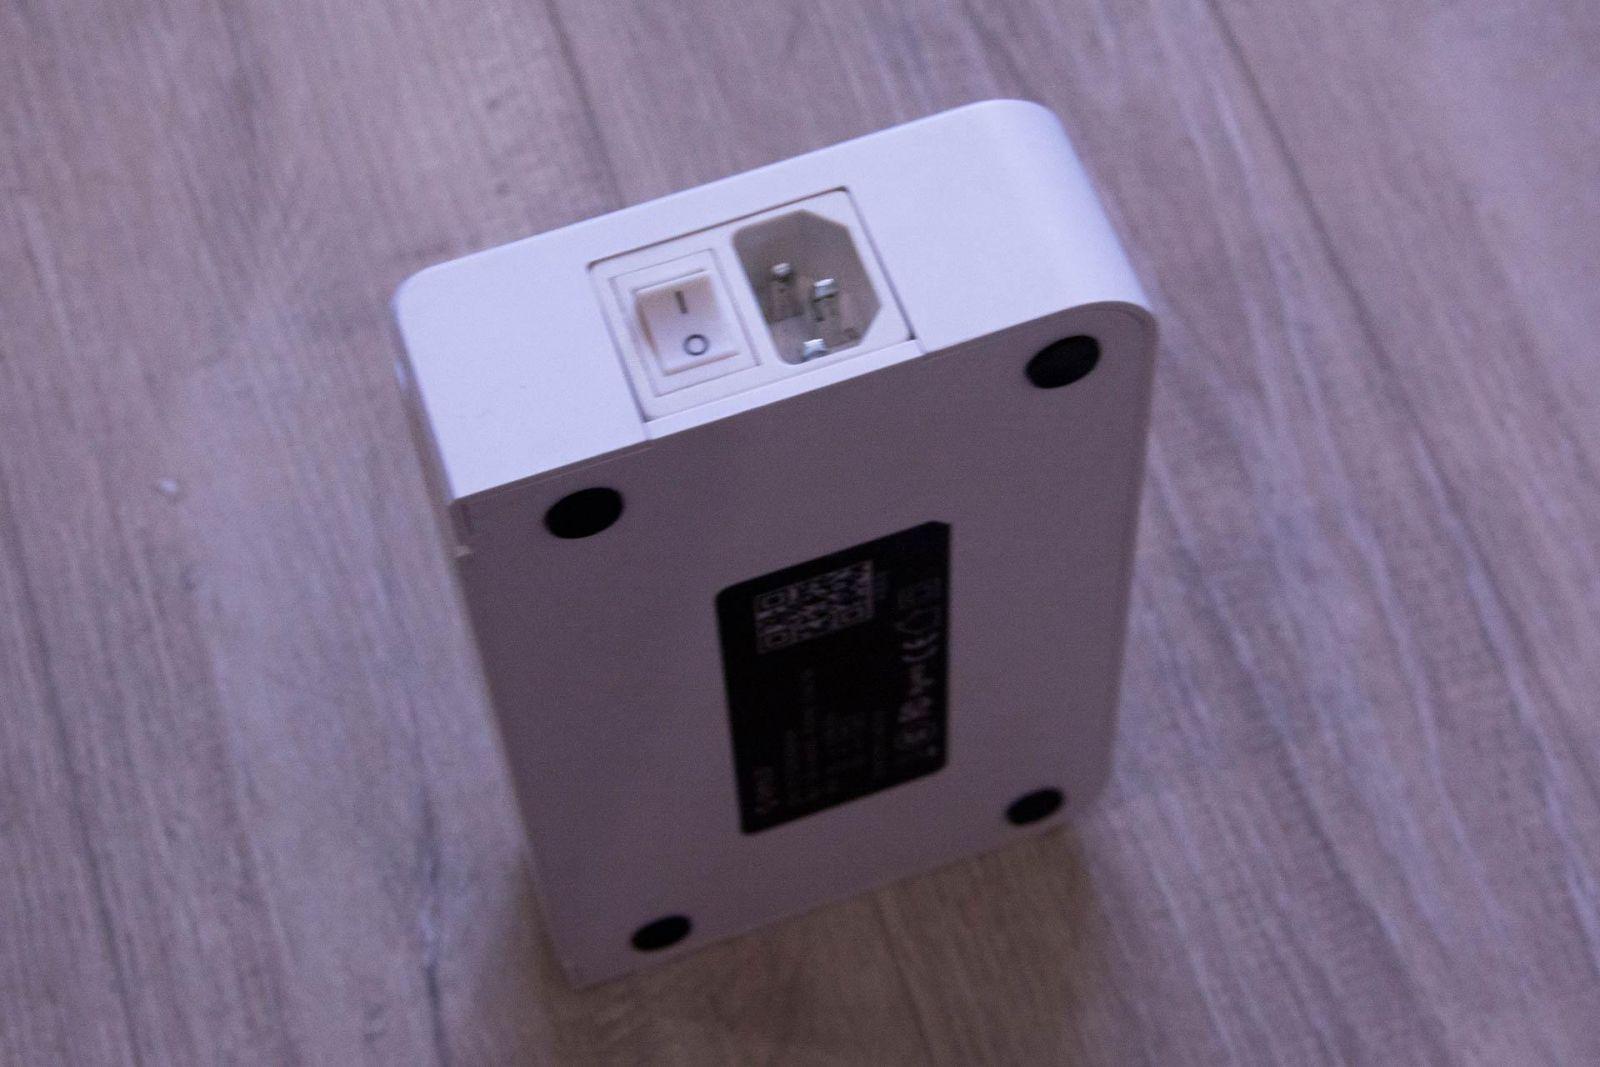 Заряжает! Обзор сетевого фильтра Orico OSC-4A4U (DSC 4008)